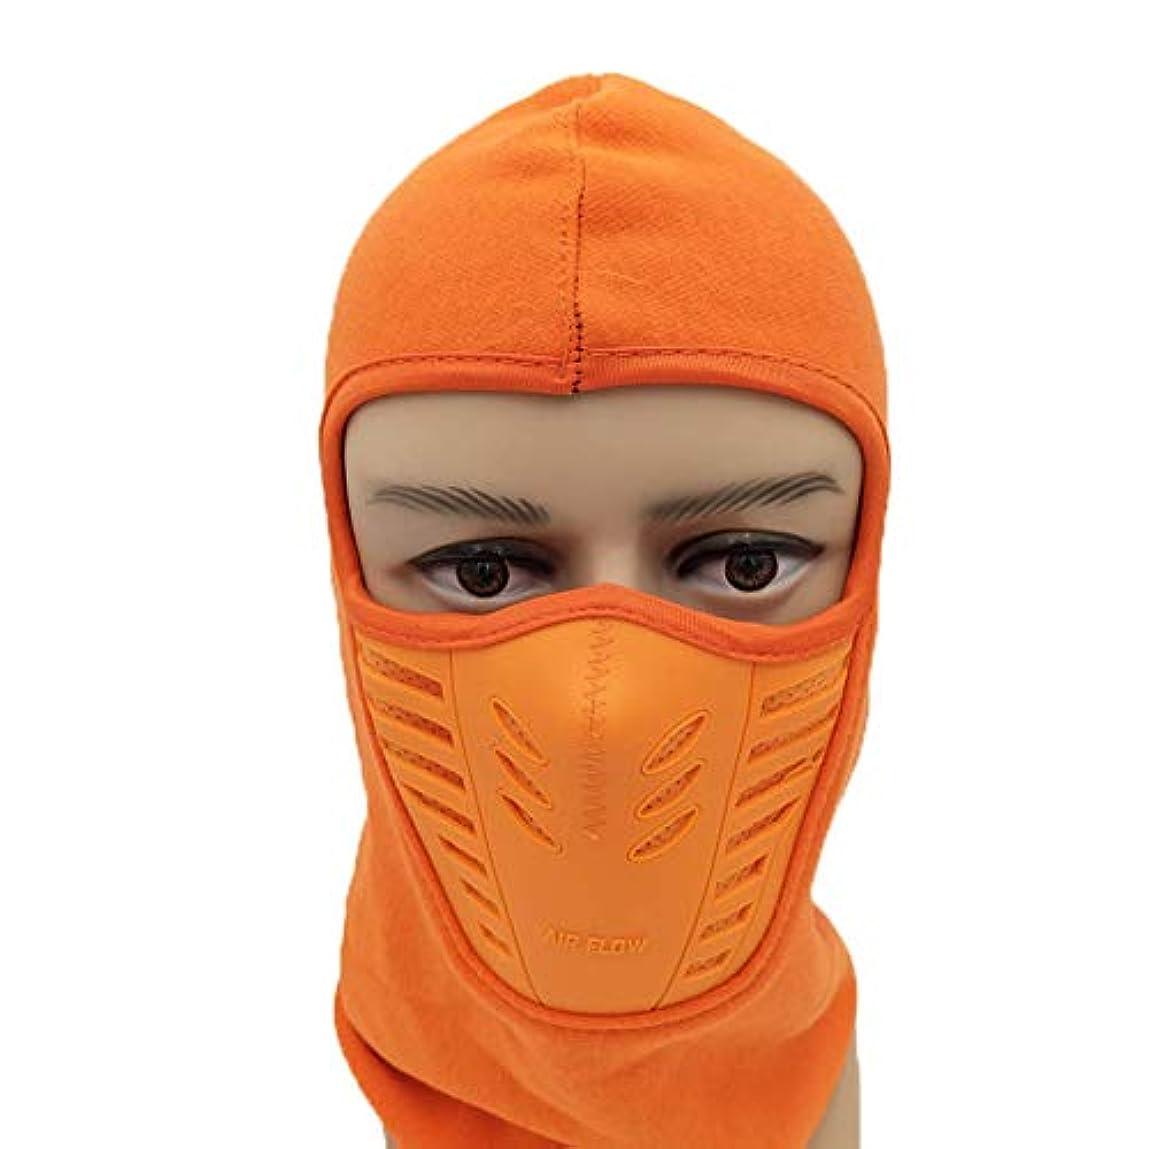 媒染剤インタビュー可能CoolTack ウィンターフリースネックウォーマー、フェイスマスクカバー、厚手ロングネックガーターチューブ、ビーニーネックウォーマーフード、ウィンターアウトドアスポーツマスク防風フード帽子